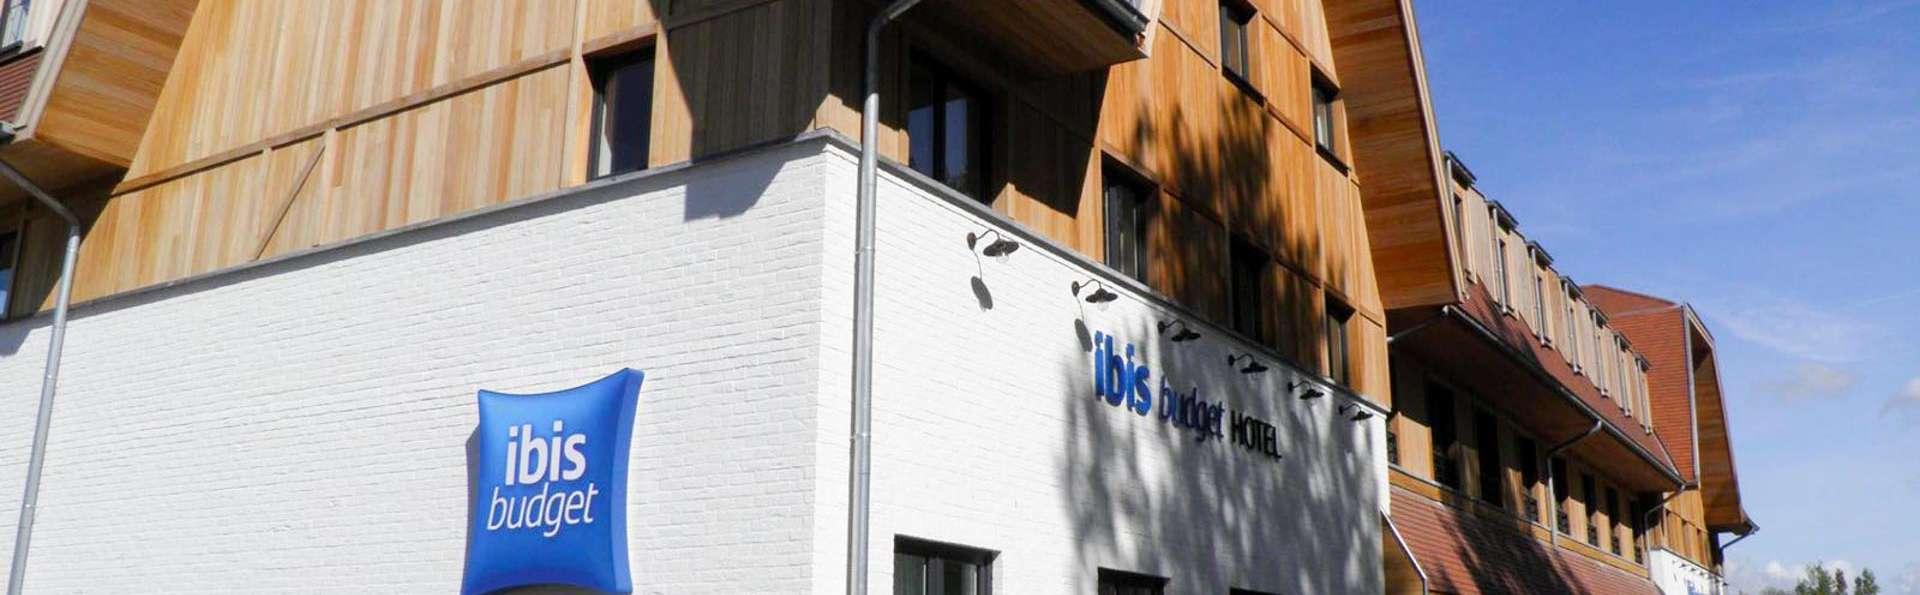 Ibis Budget Knokke - EDIT_N2_FRONT_02.jpg